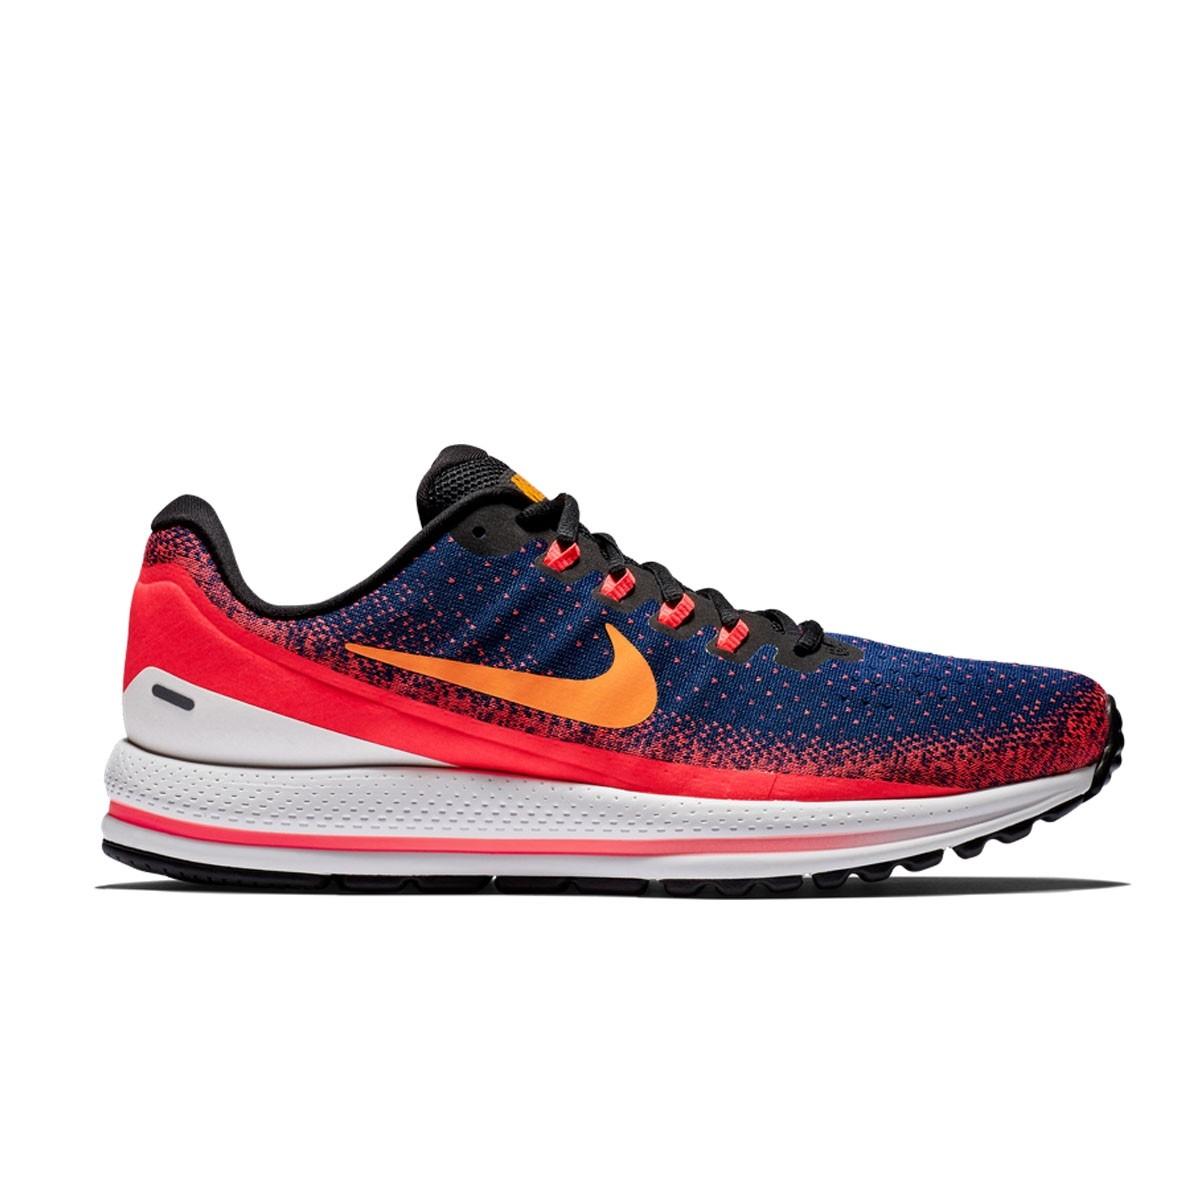 brand new 5be1e 609c5 Nike Air Zoom Vomero 13 'Nebulosa'